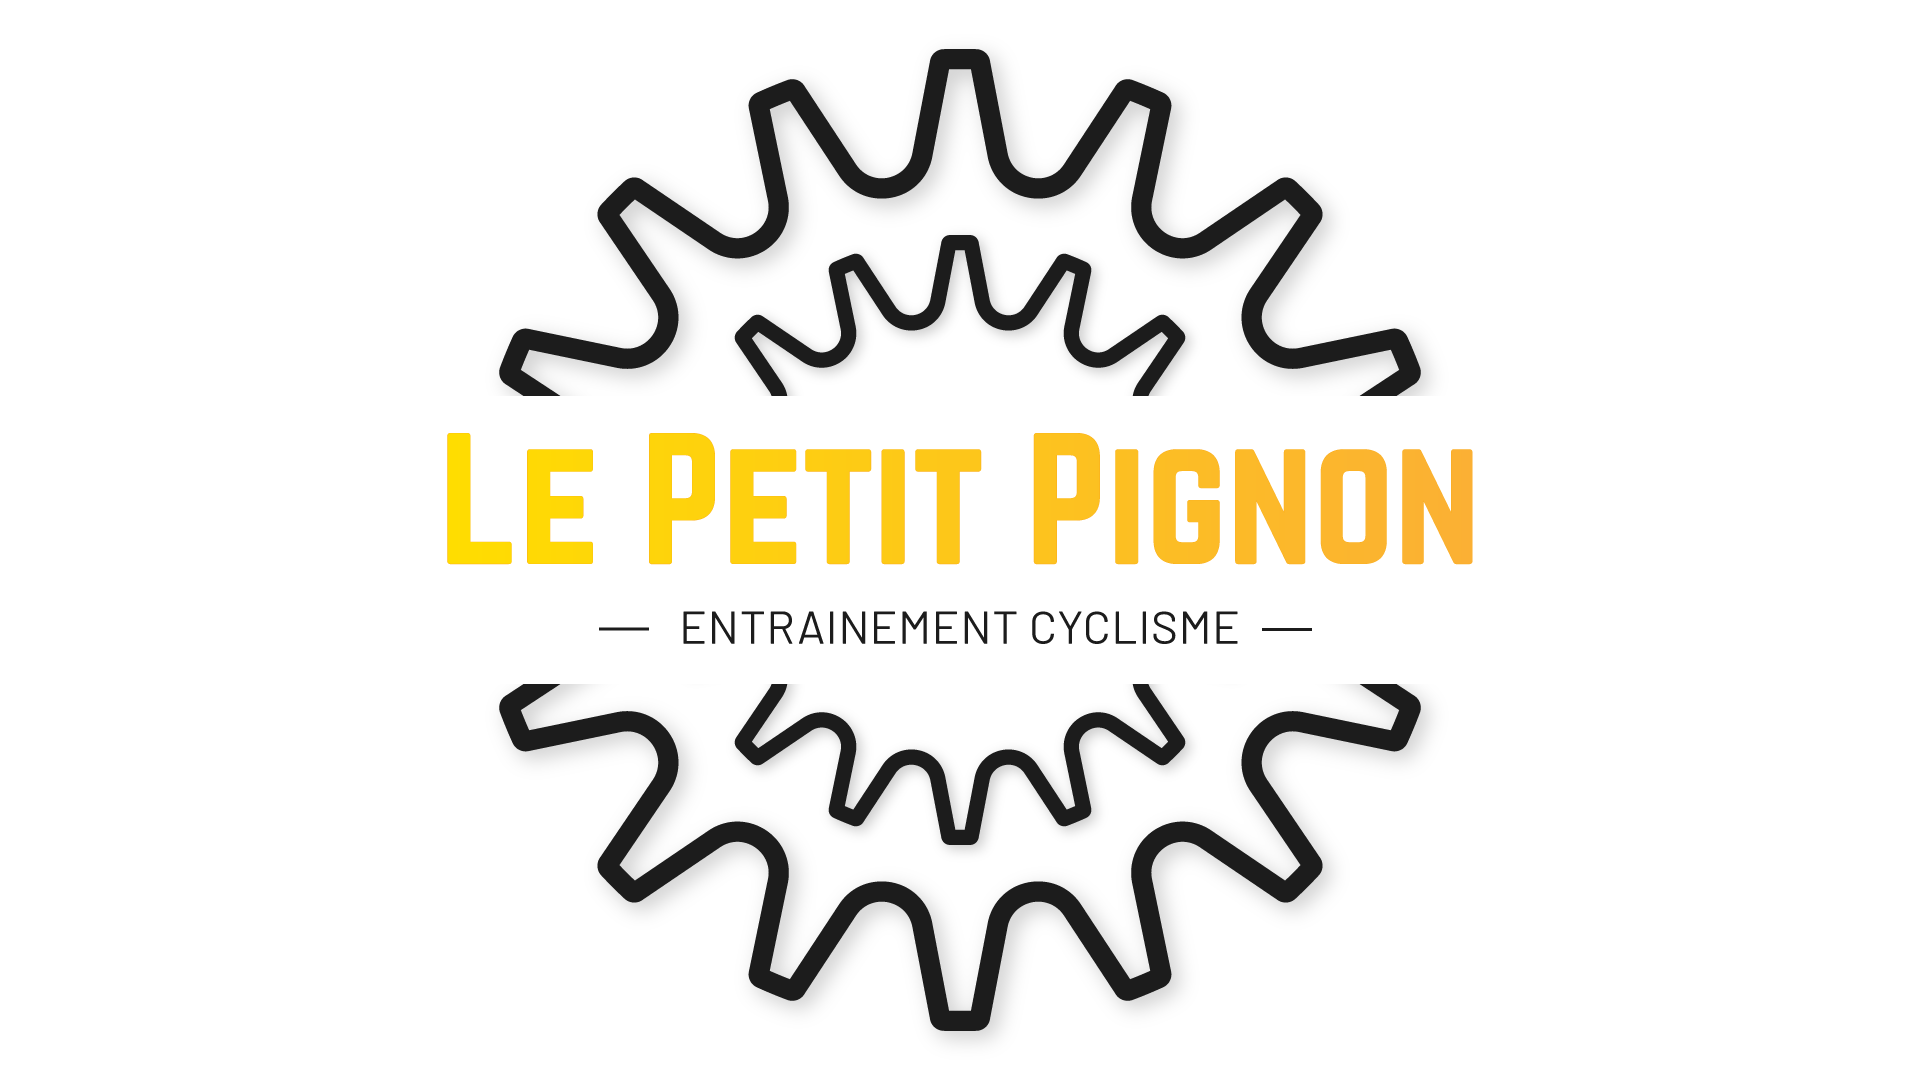 Le Petit Pignon - Entrainement Cyclisme